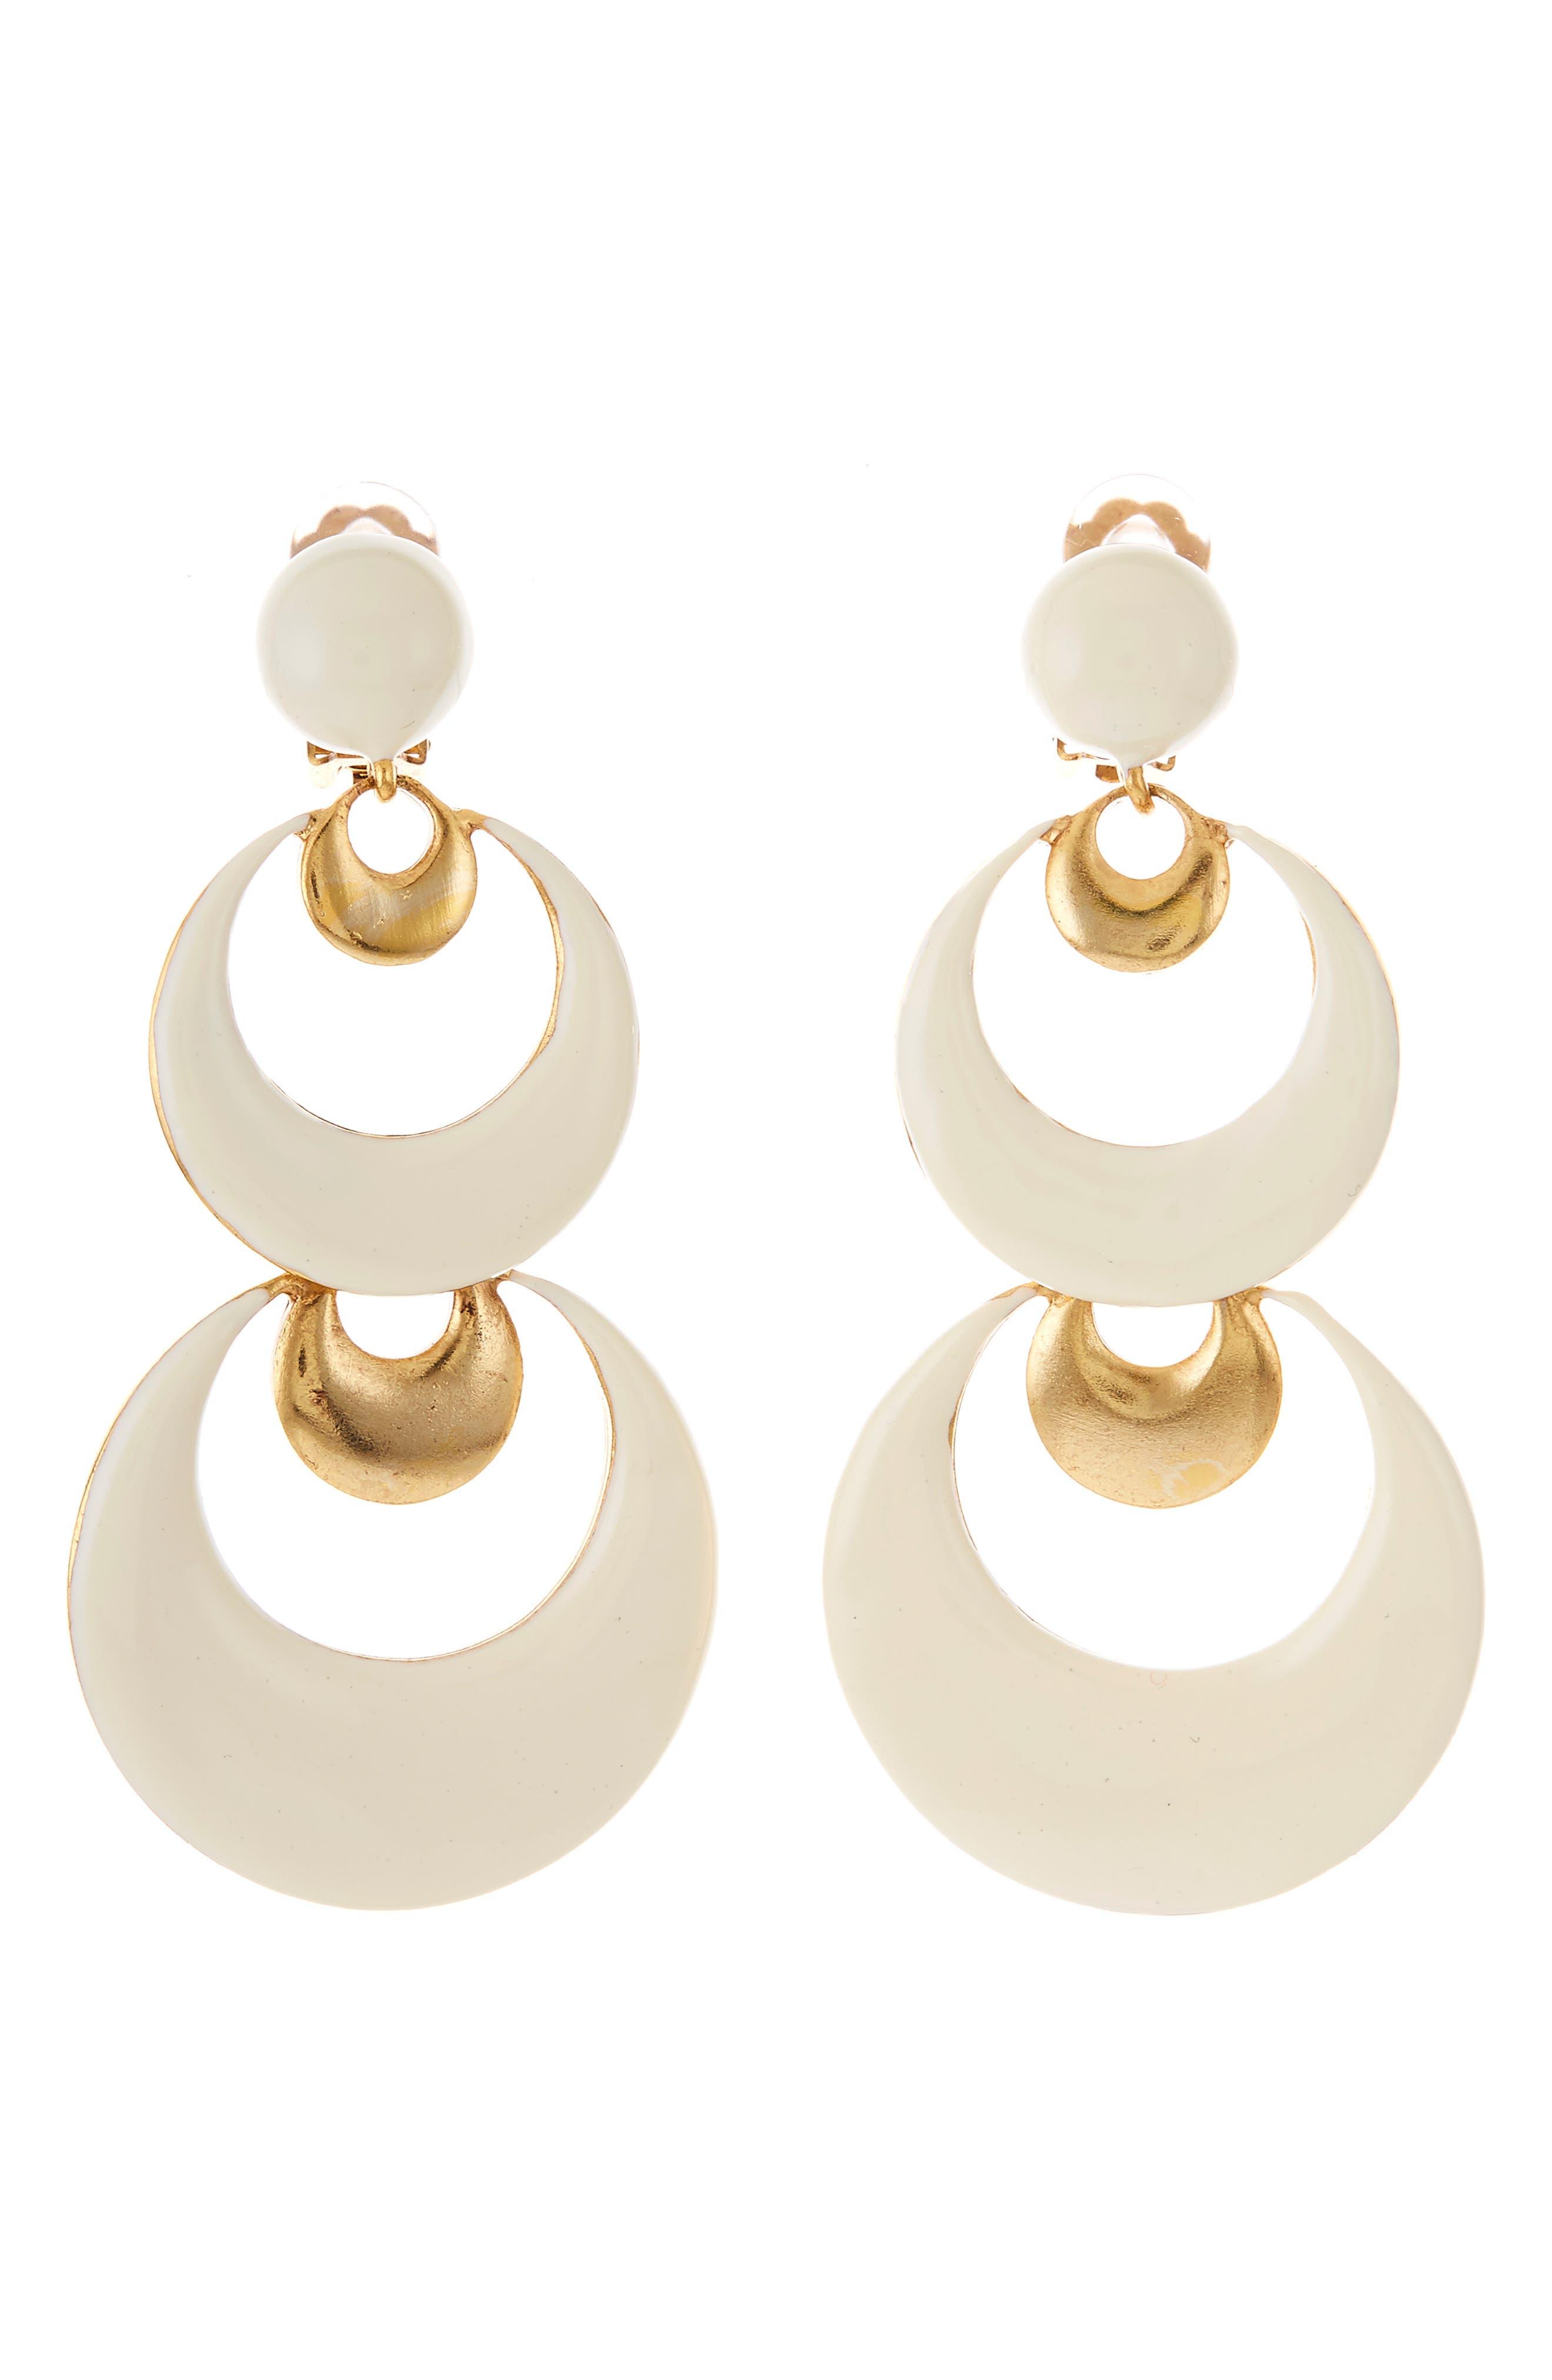 Oscar De La Renta Accessories Large Moon Drop Earrings